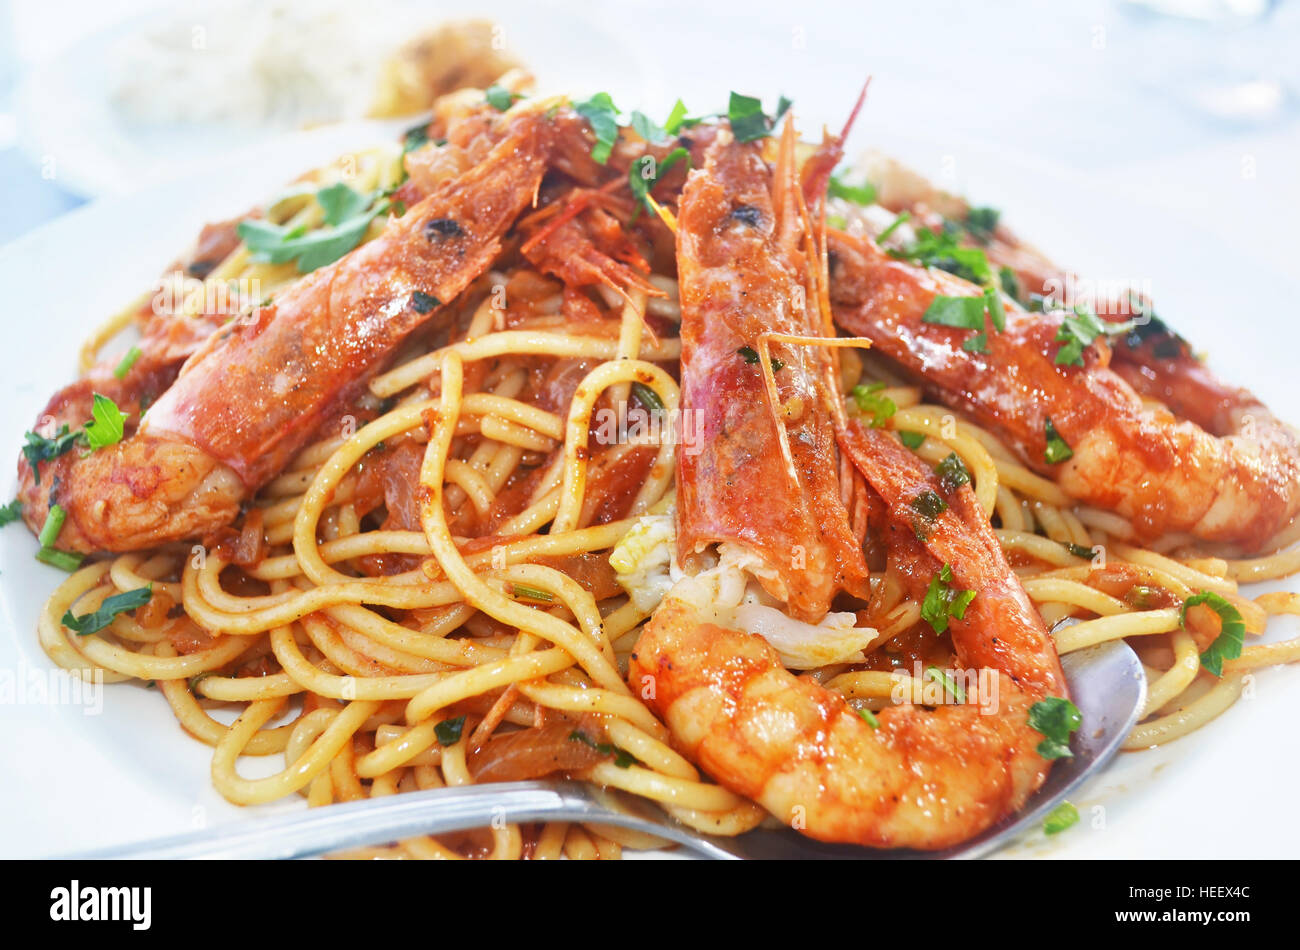 Fruits de mer méditerranée - Pâtes aux crevettes à une taverne grecque Photo Stock